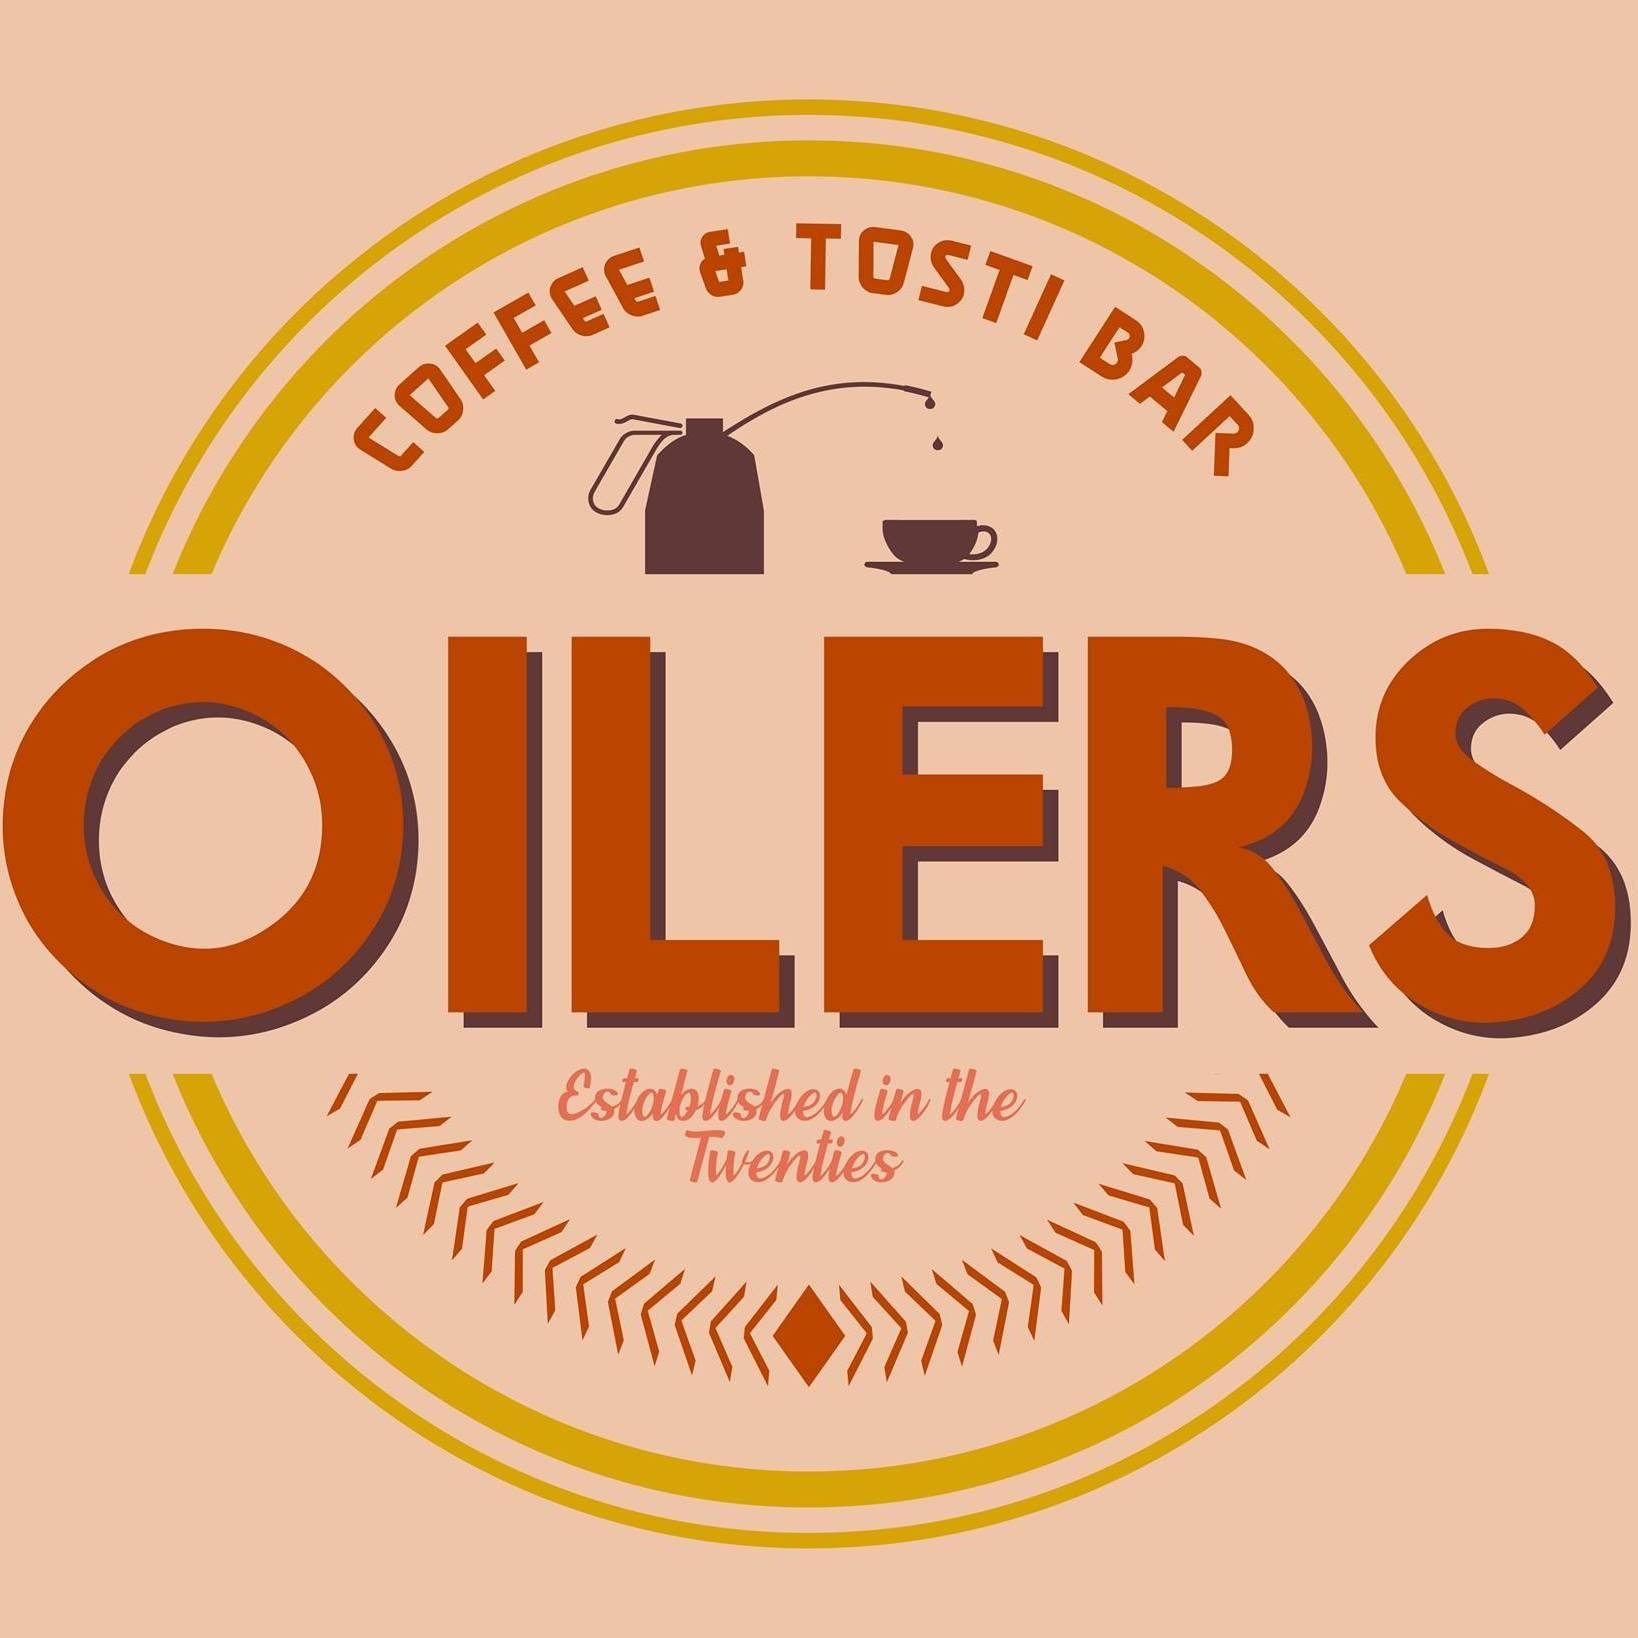 Oilers caffee